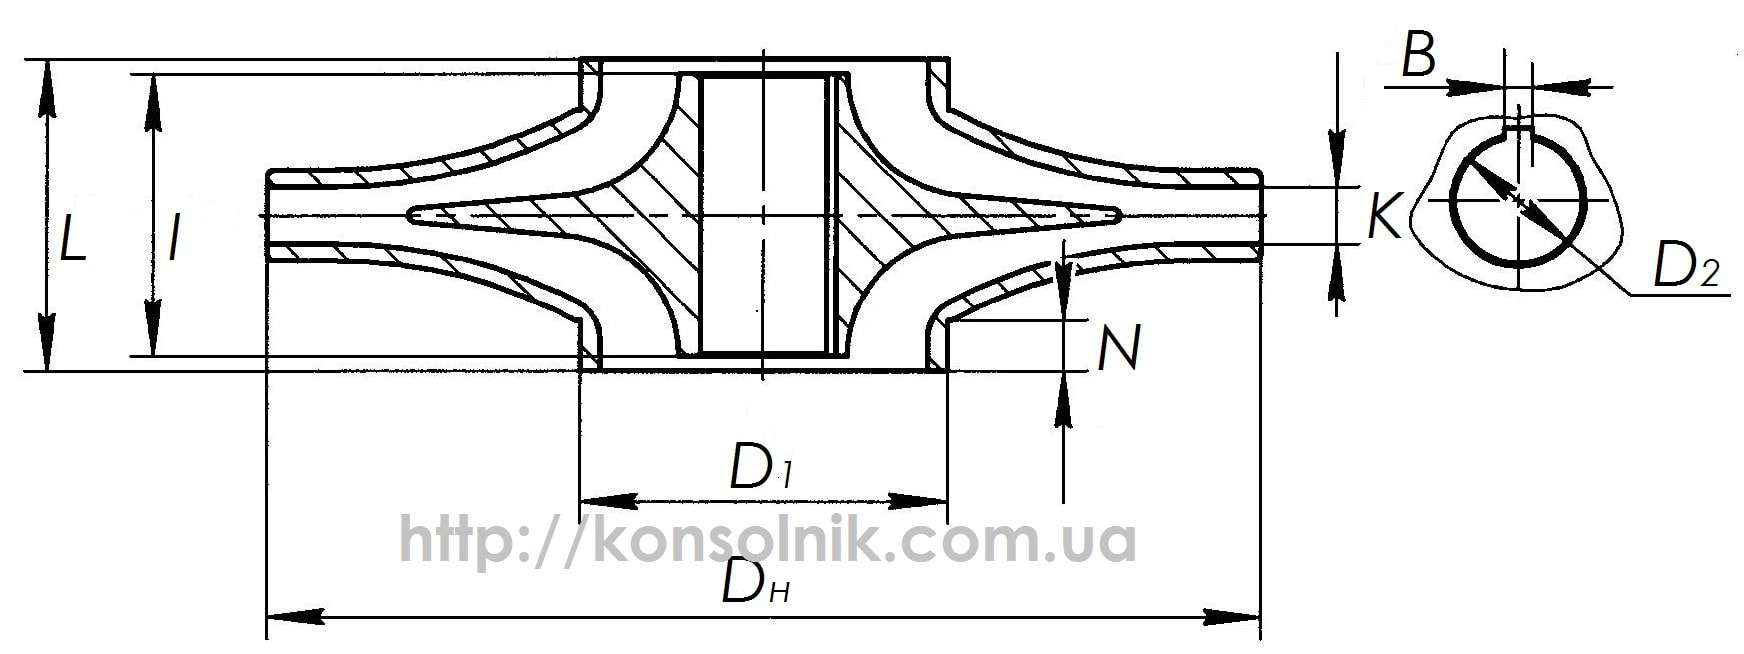 Чертеж рабочего колеса для насосов Д и 1Д